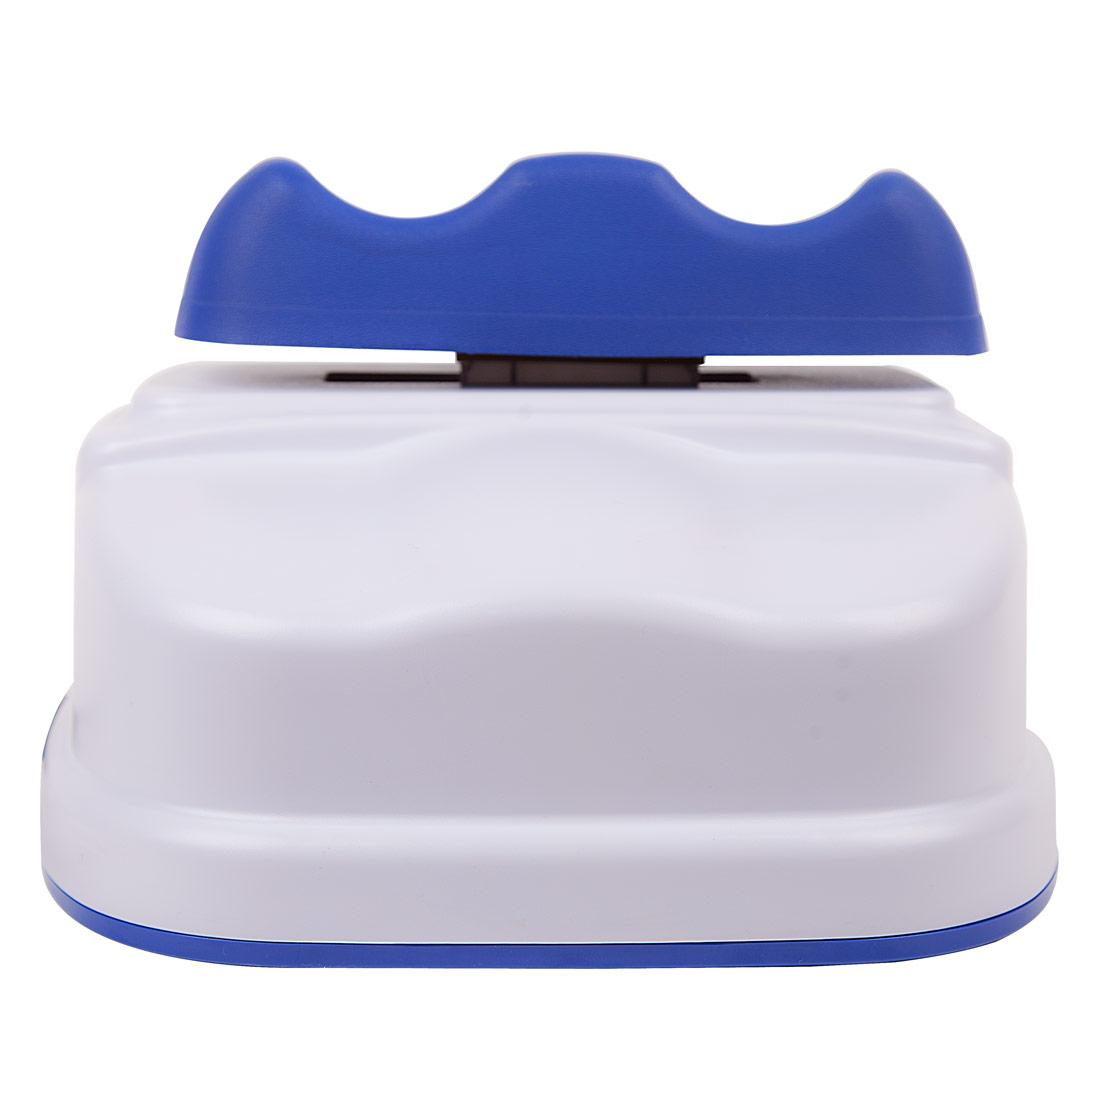 Healthy Spine тренажер для спины